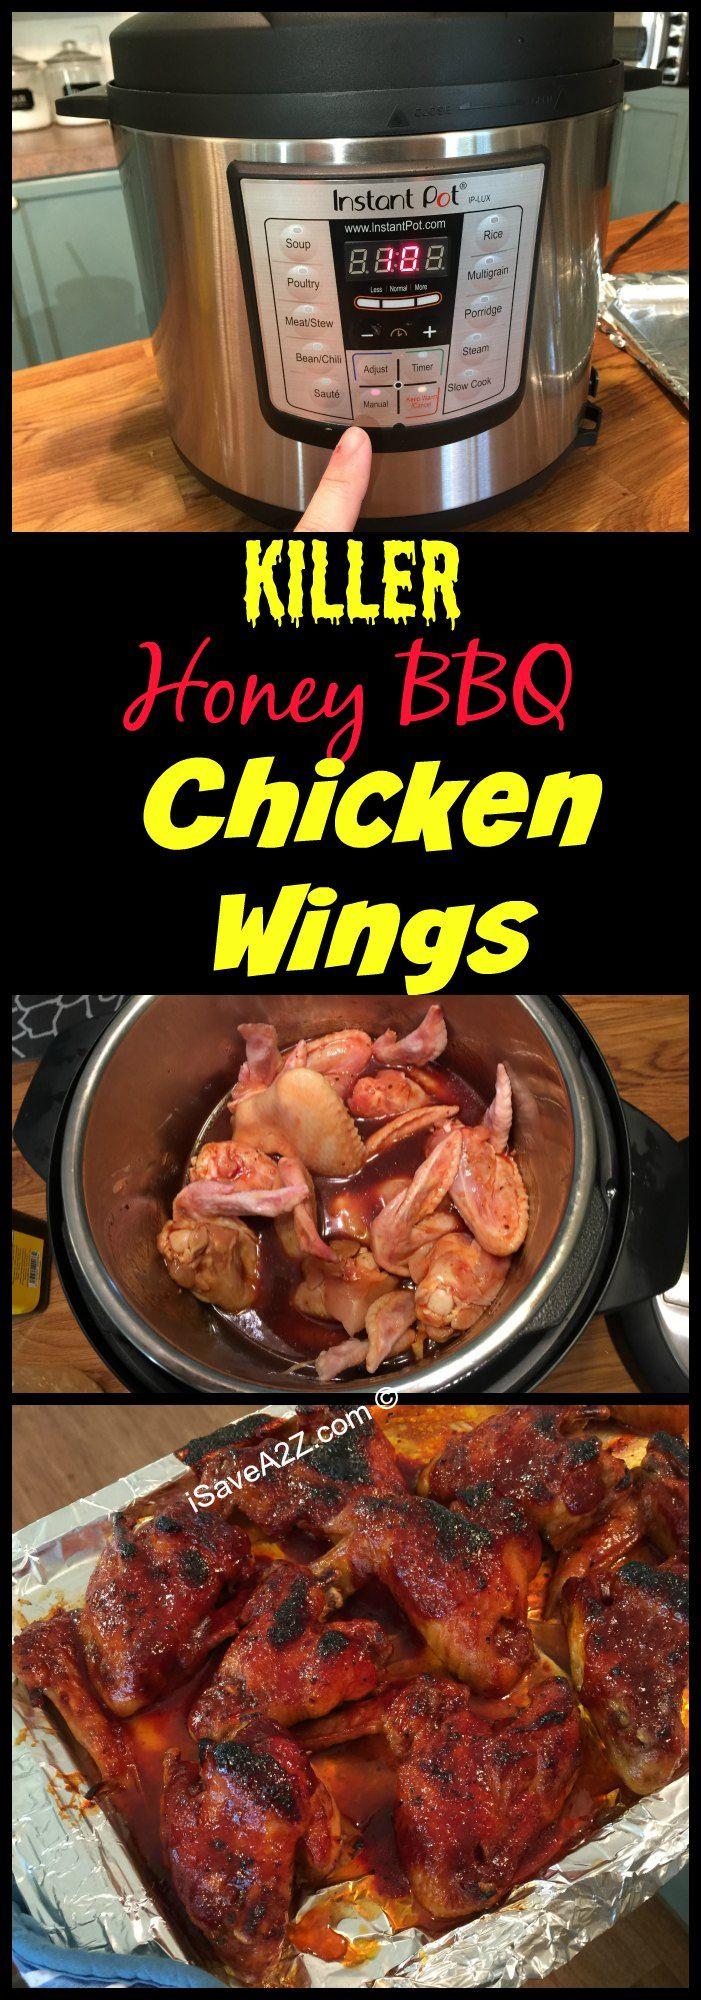 Instant Pot Recipes: Honey BBQ Chicken Wings